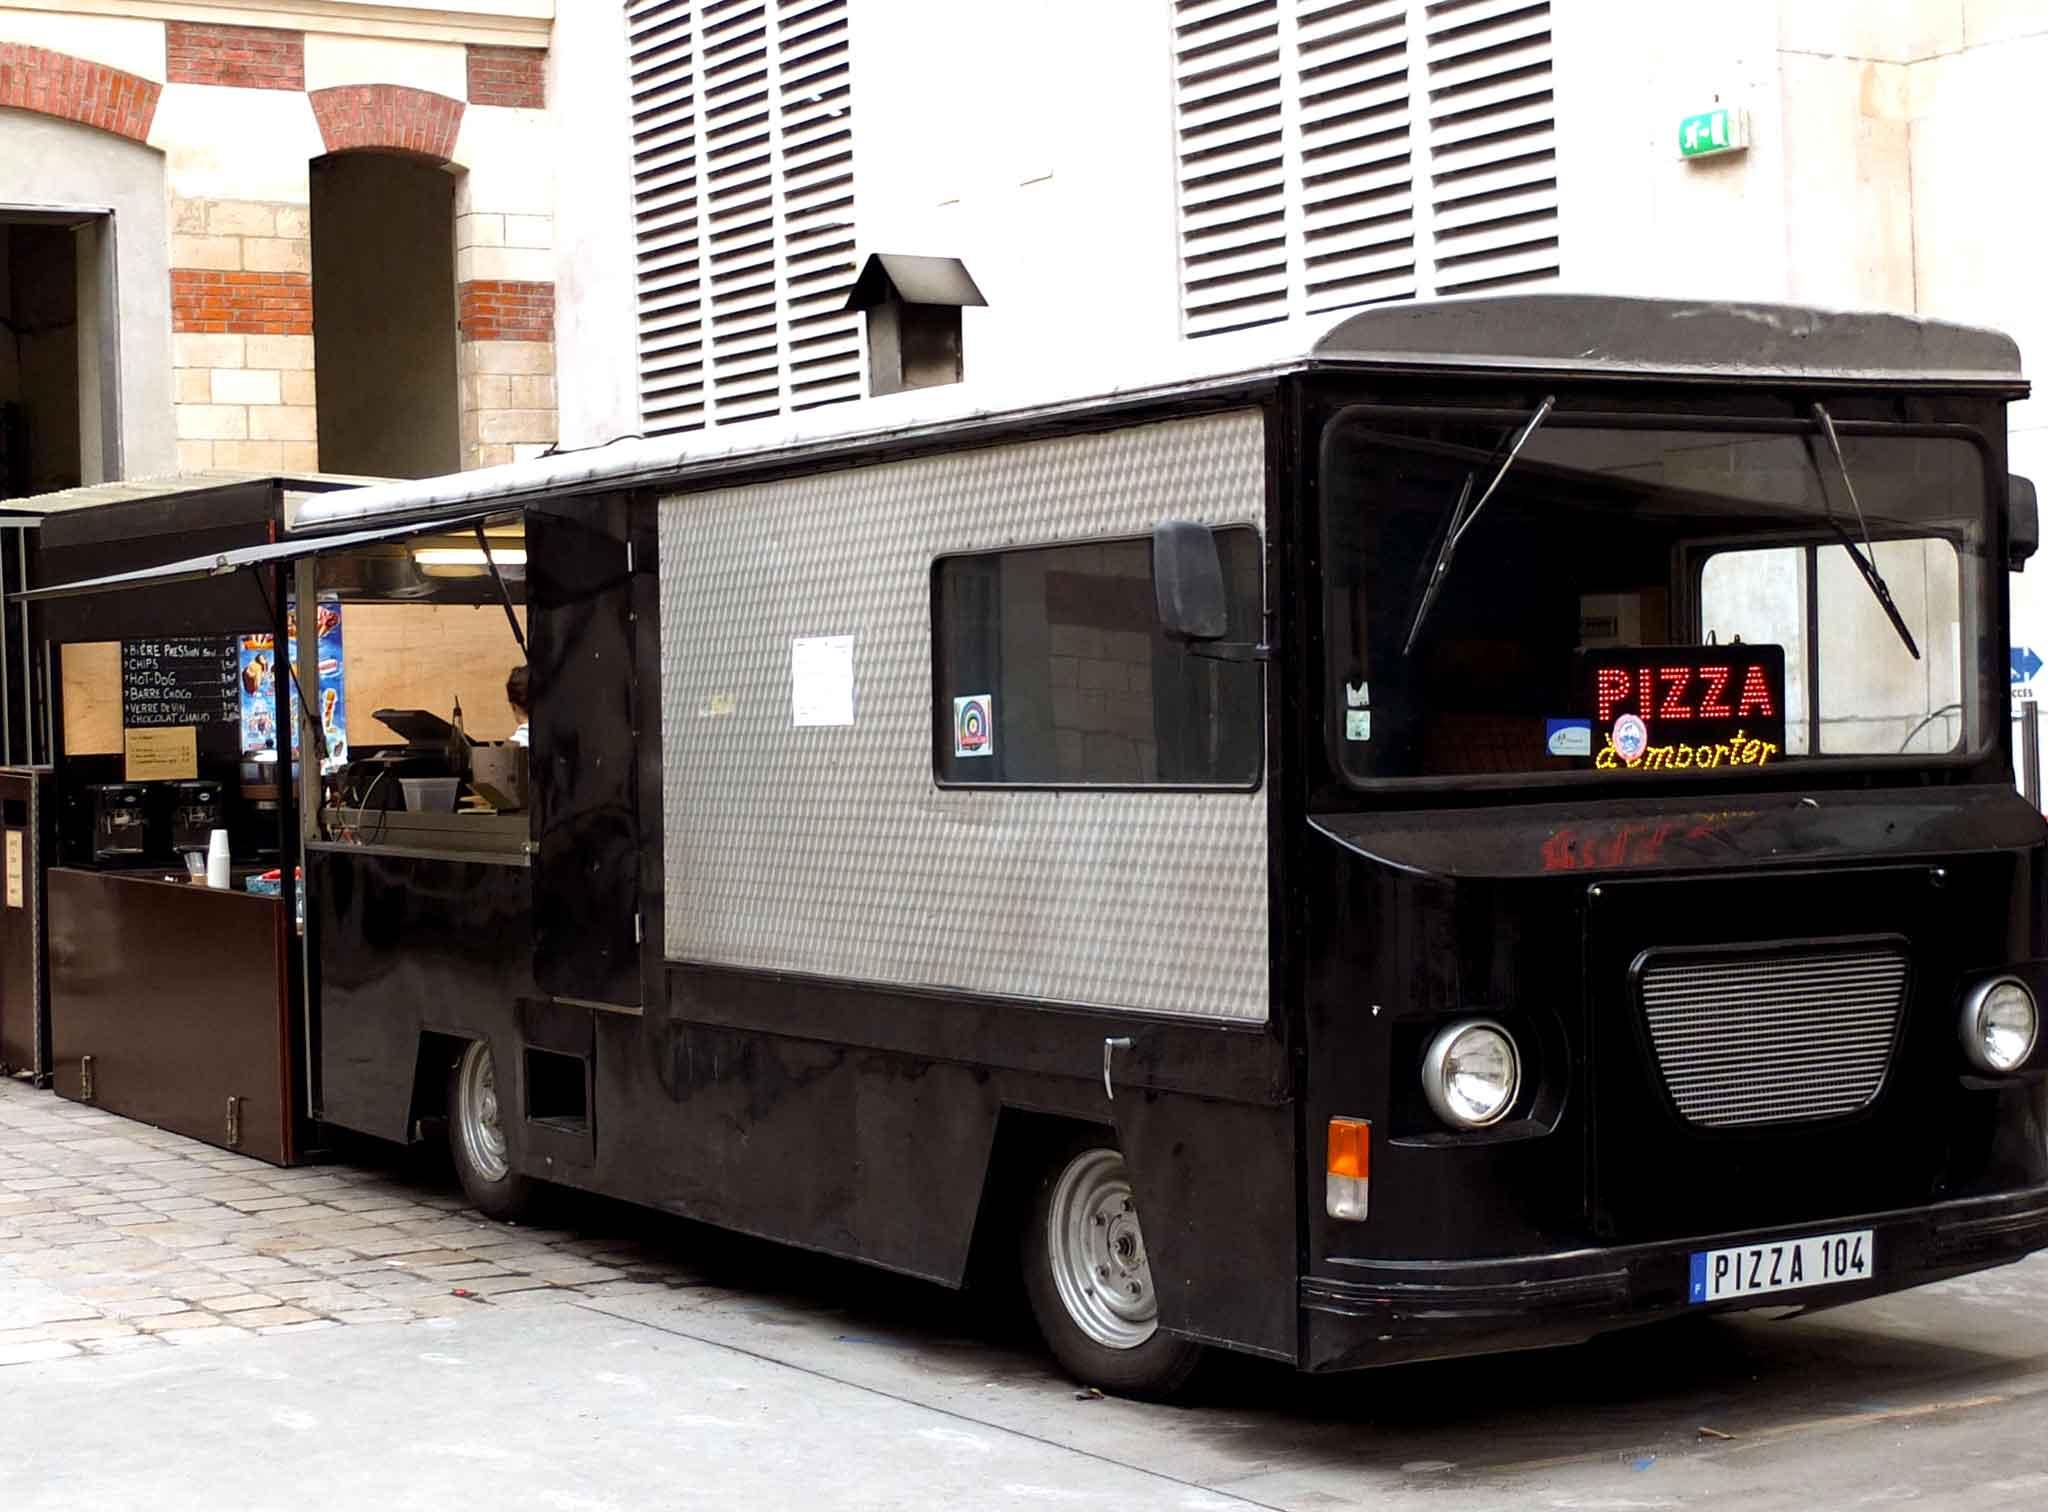 10 fantastici food truck in tutto il mondo. Black Bedroom Furniture Sets. Home Design Ideas